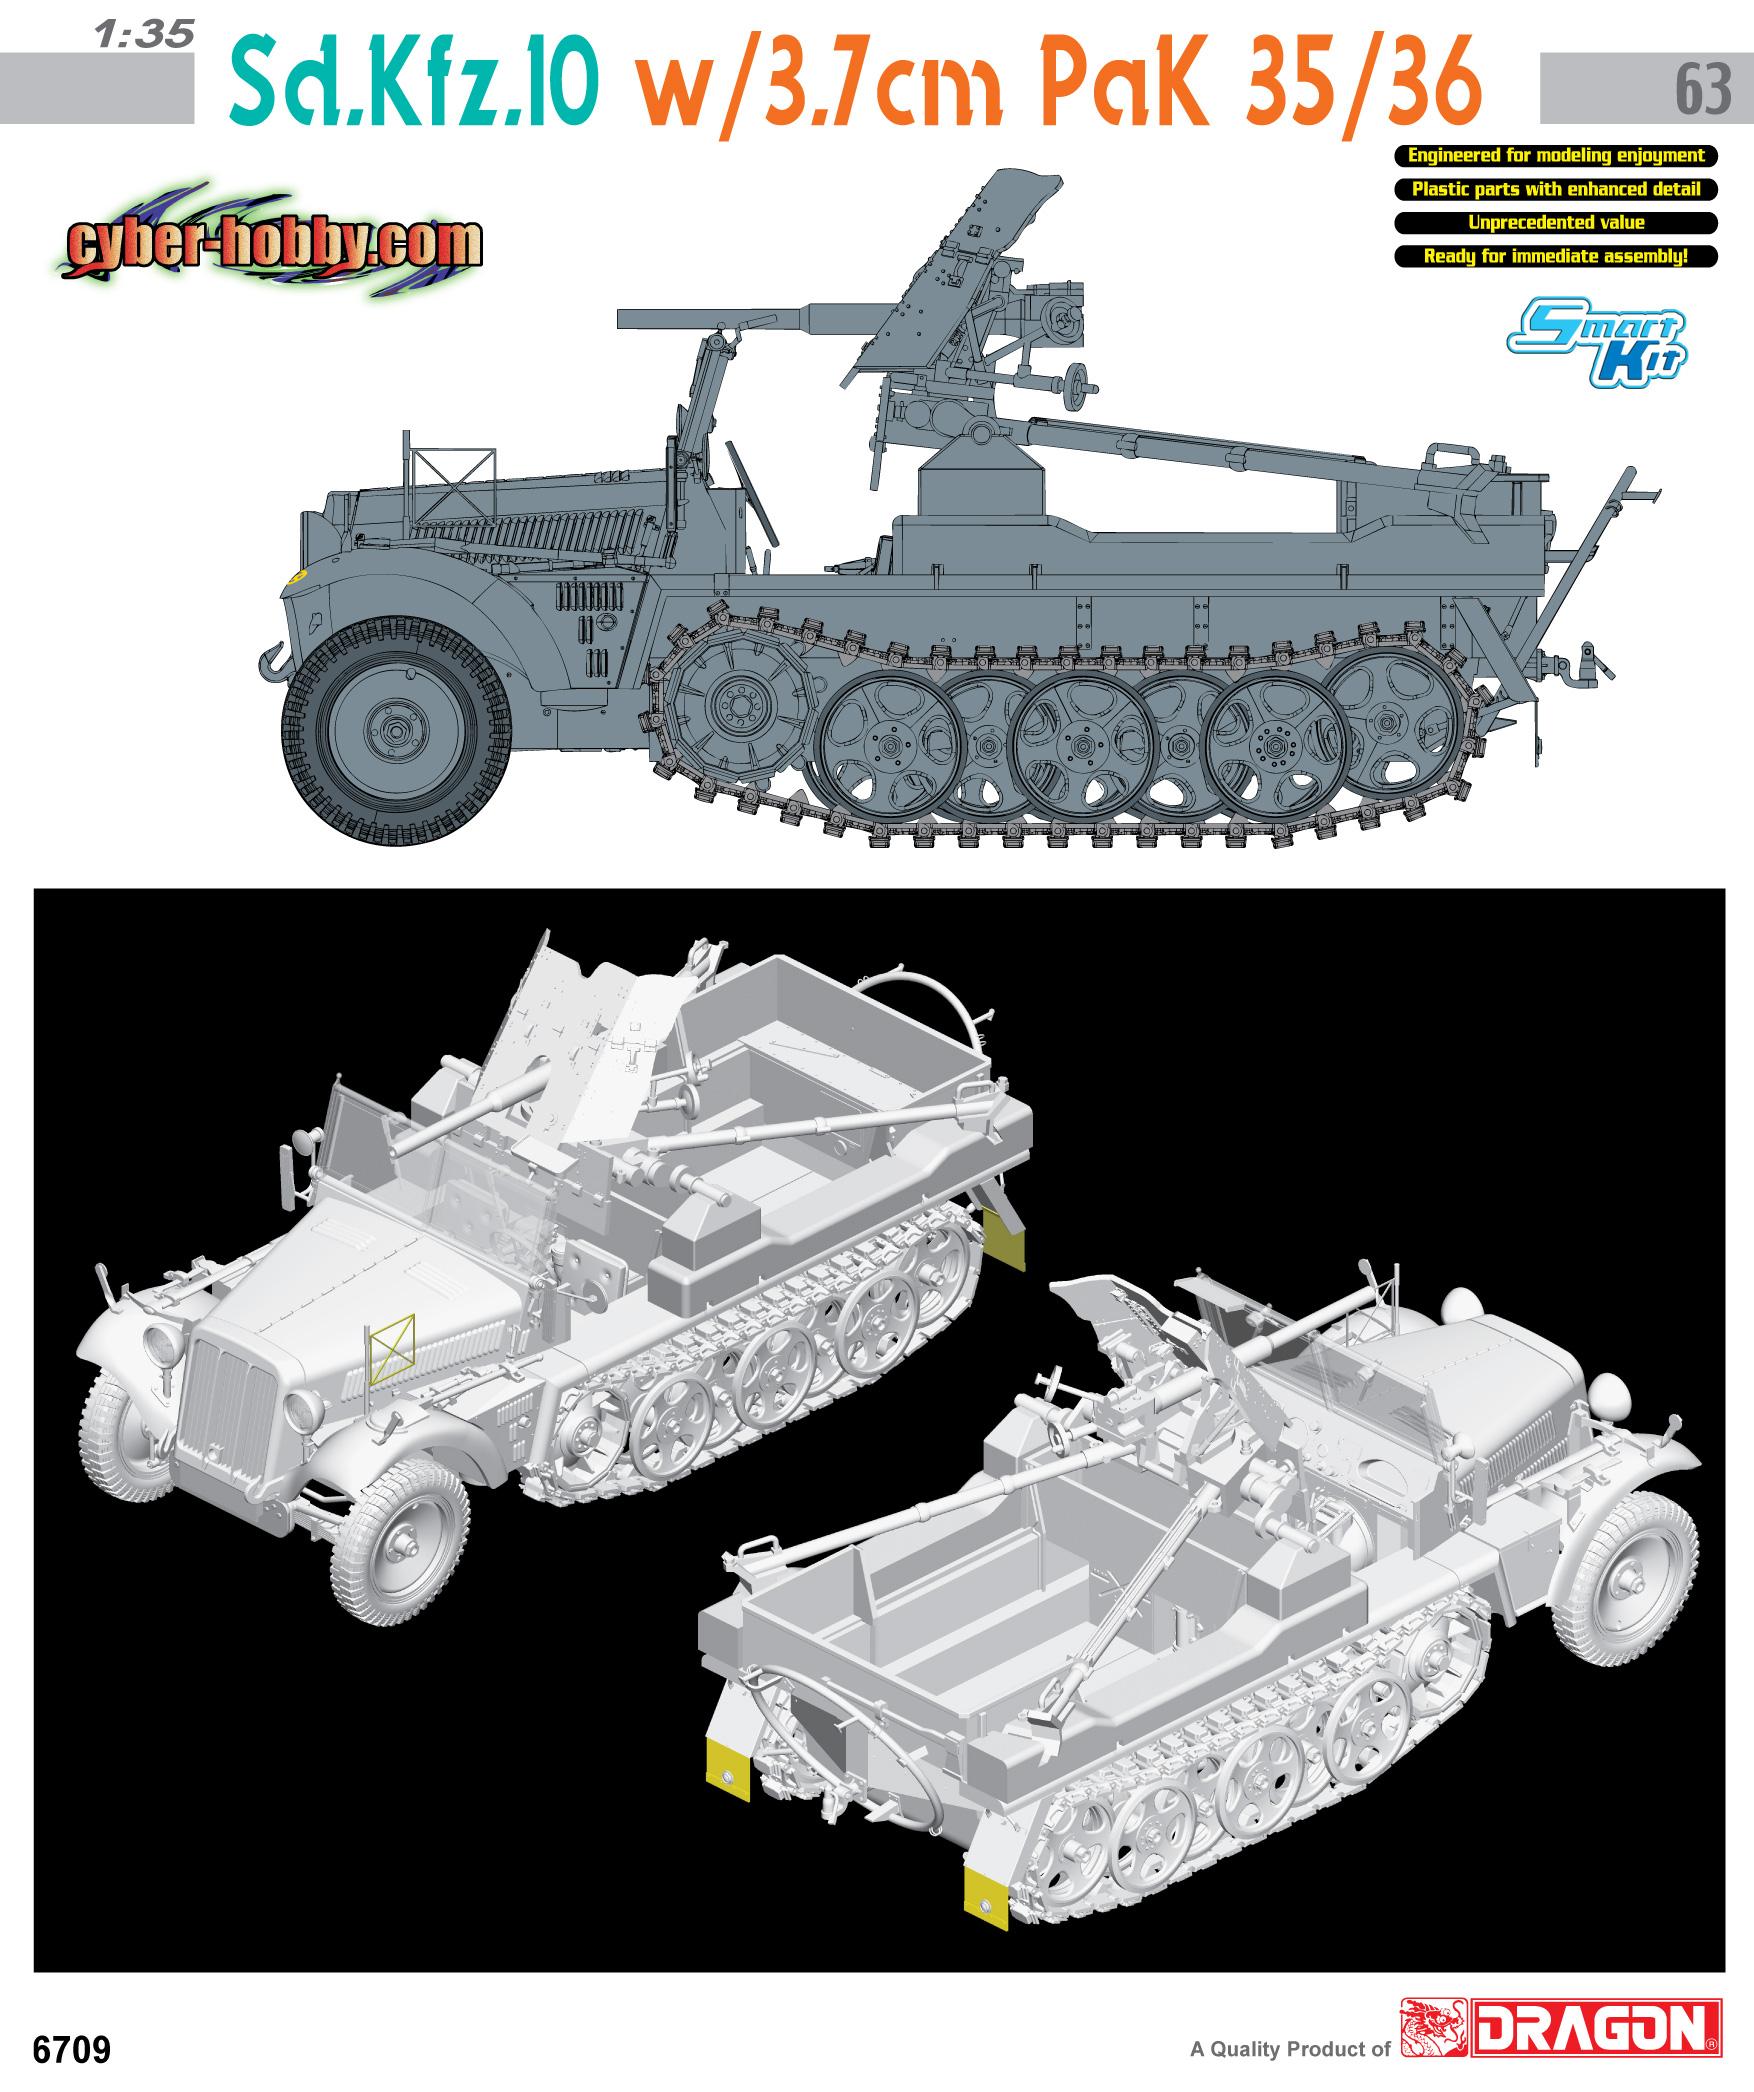 Sd.Kfz.10 w/3.7cm PaK 35/36 - CYBER-HOBBY 6709